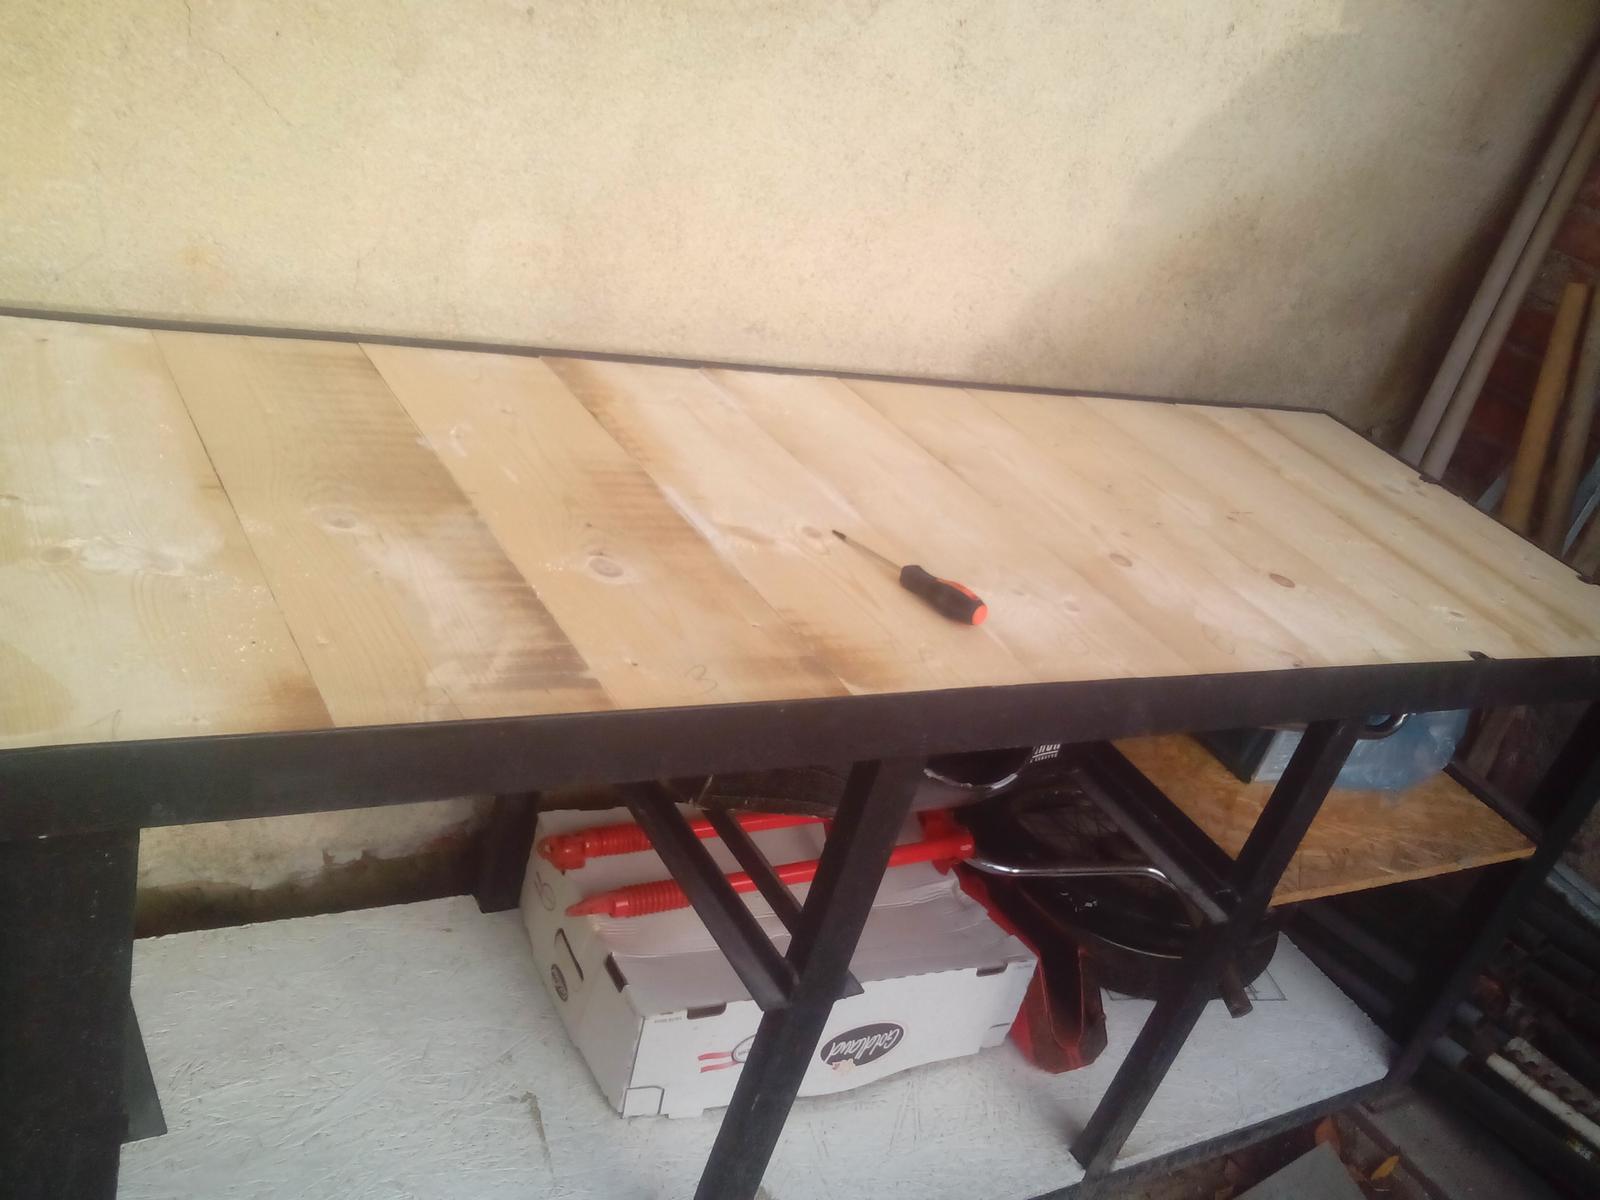 Pracovný stôl - ponk - Ponk rozmerov 200 x 70cm je na hornej strane vyplnený 50mm doskou.